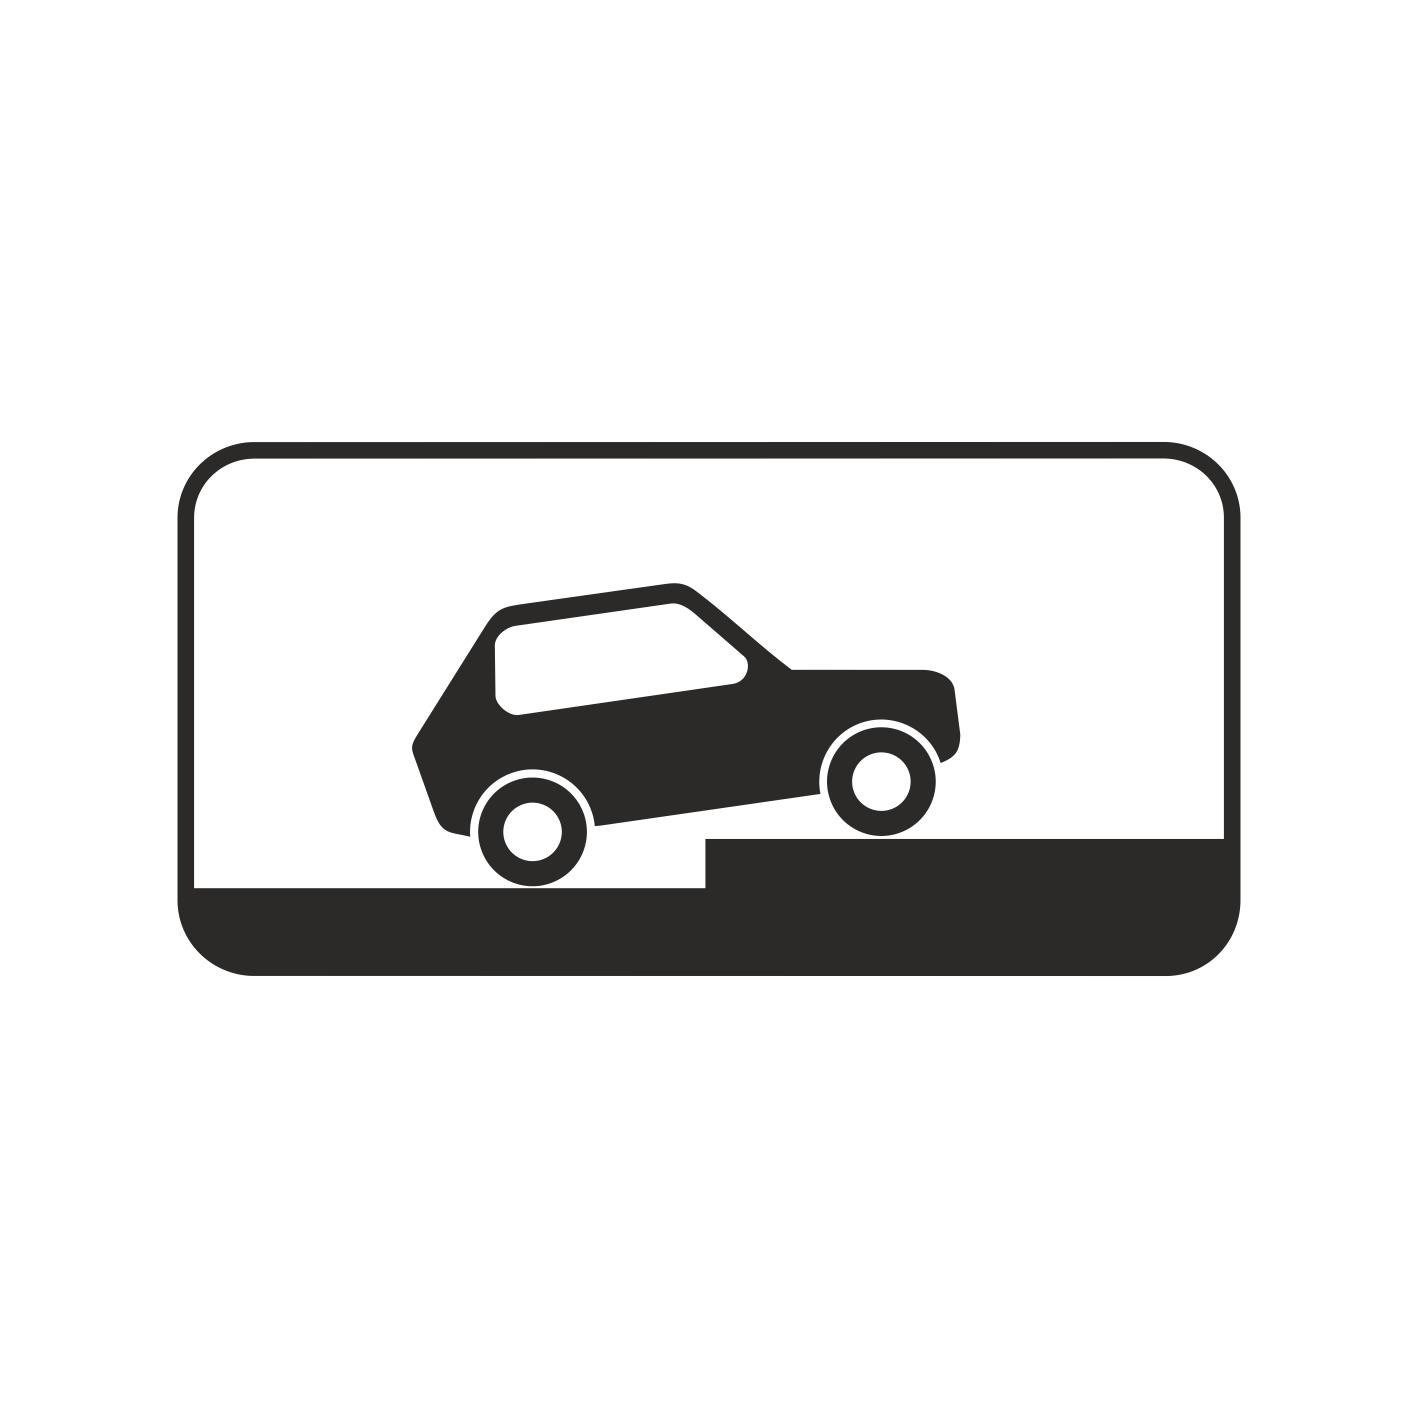 8.6.7 Способ постановки транспортного средства на стоянку